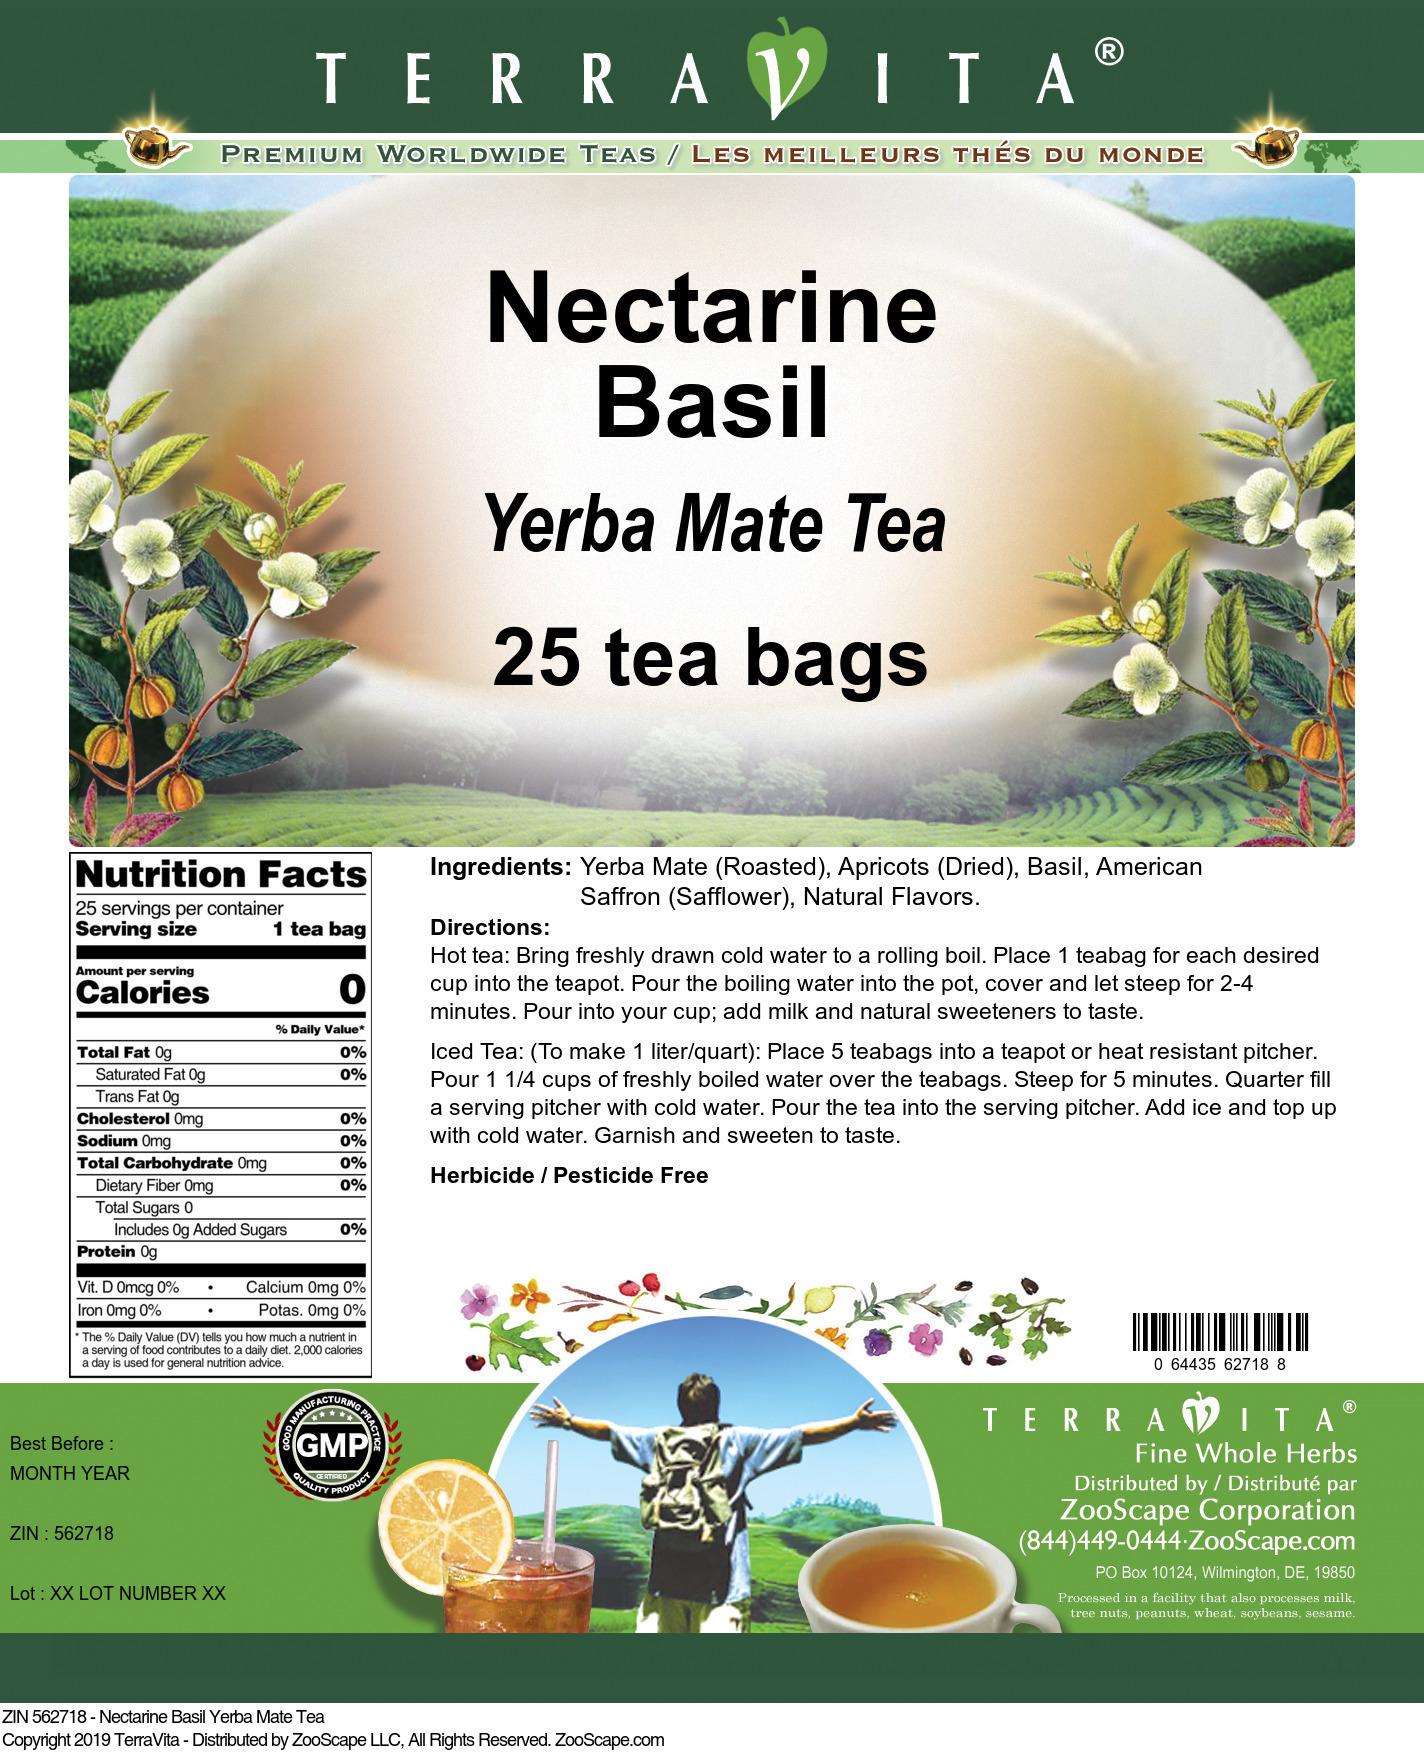 Nectarine Basil Yerba Mate